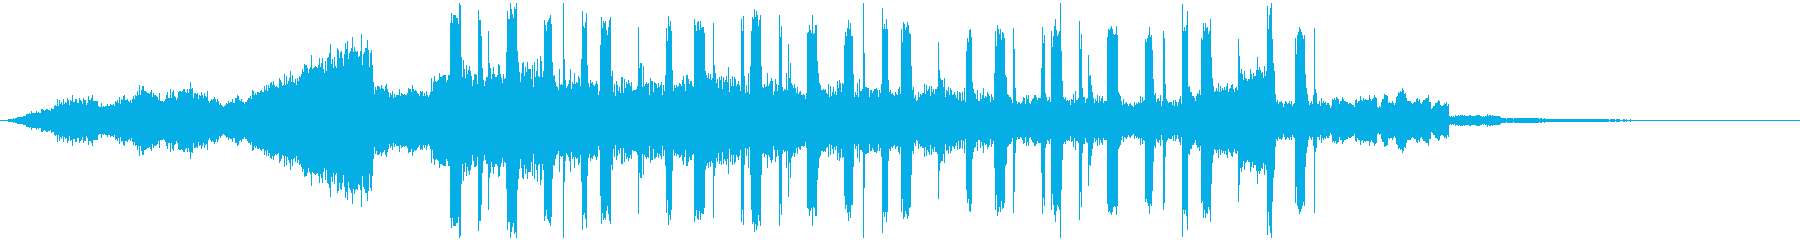 動画コンテンツ用ジングルの再生済みの波形